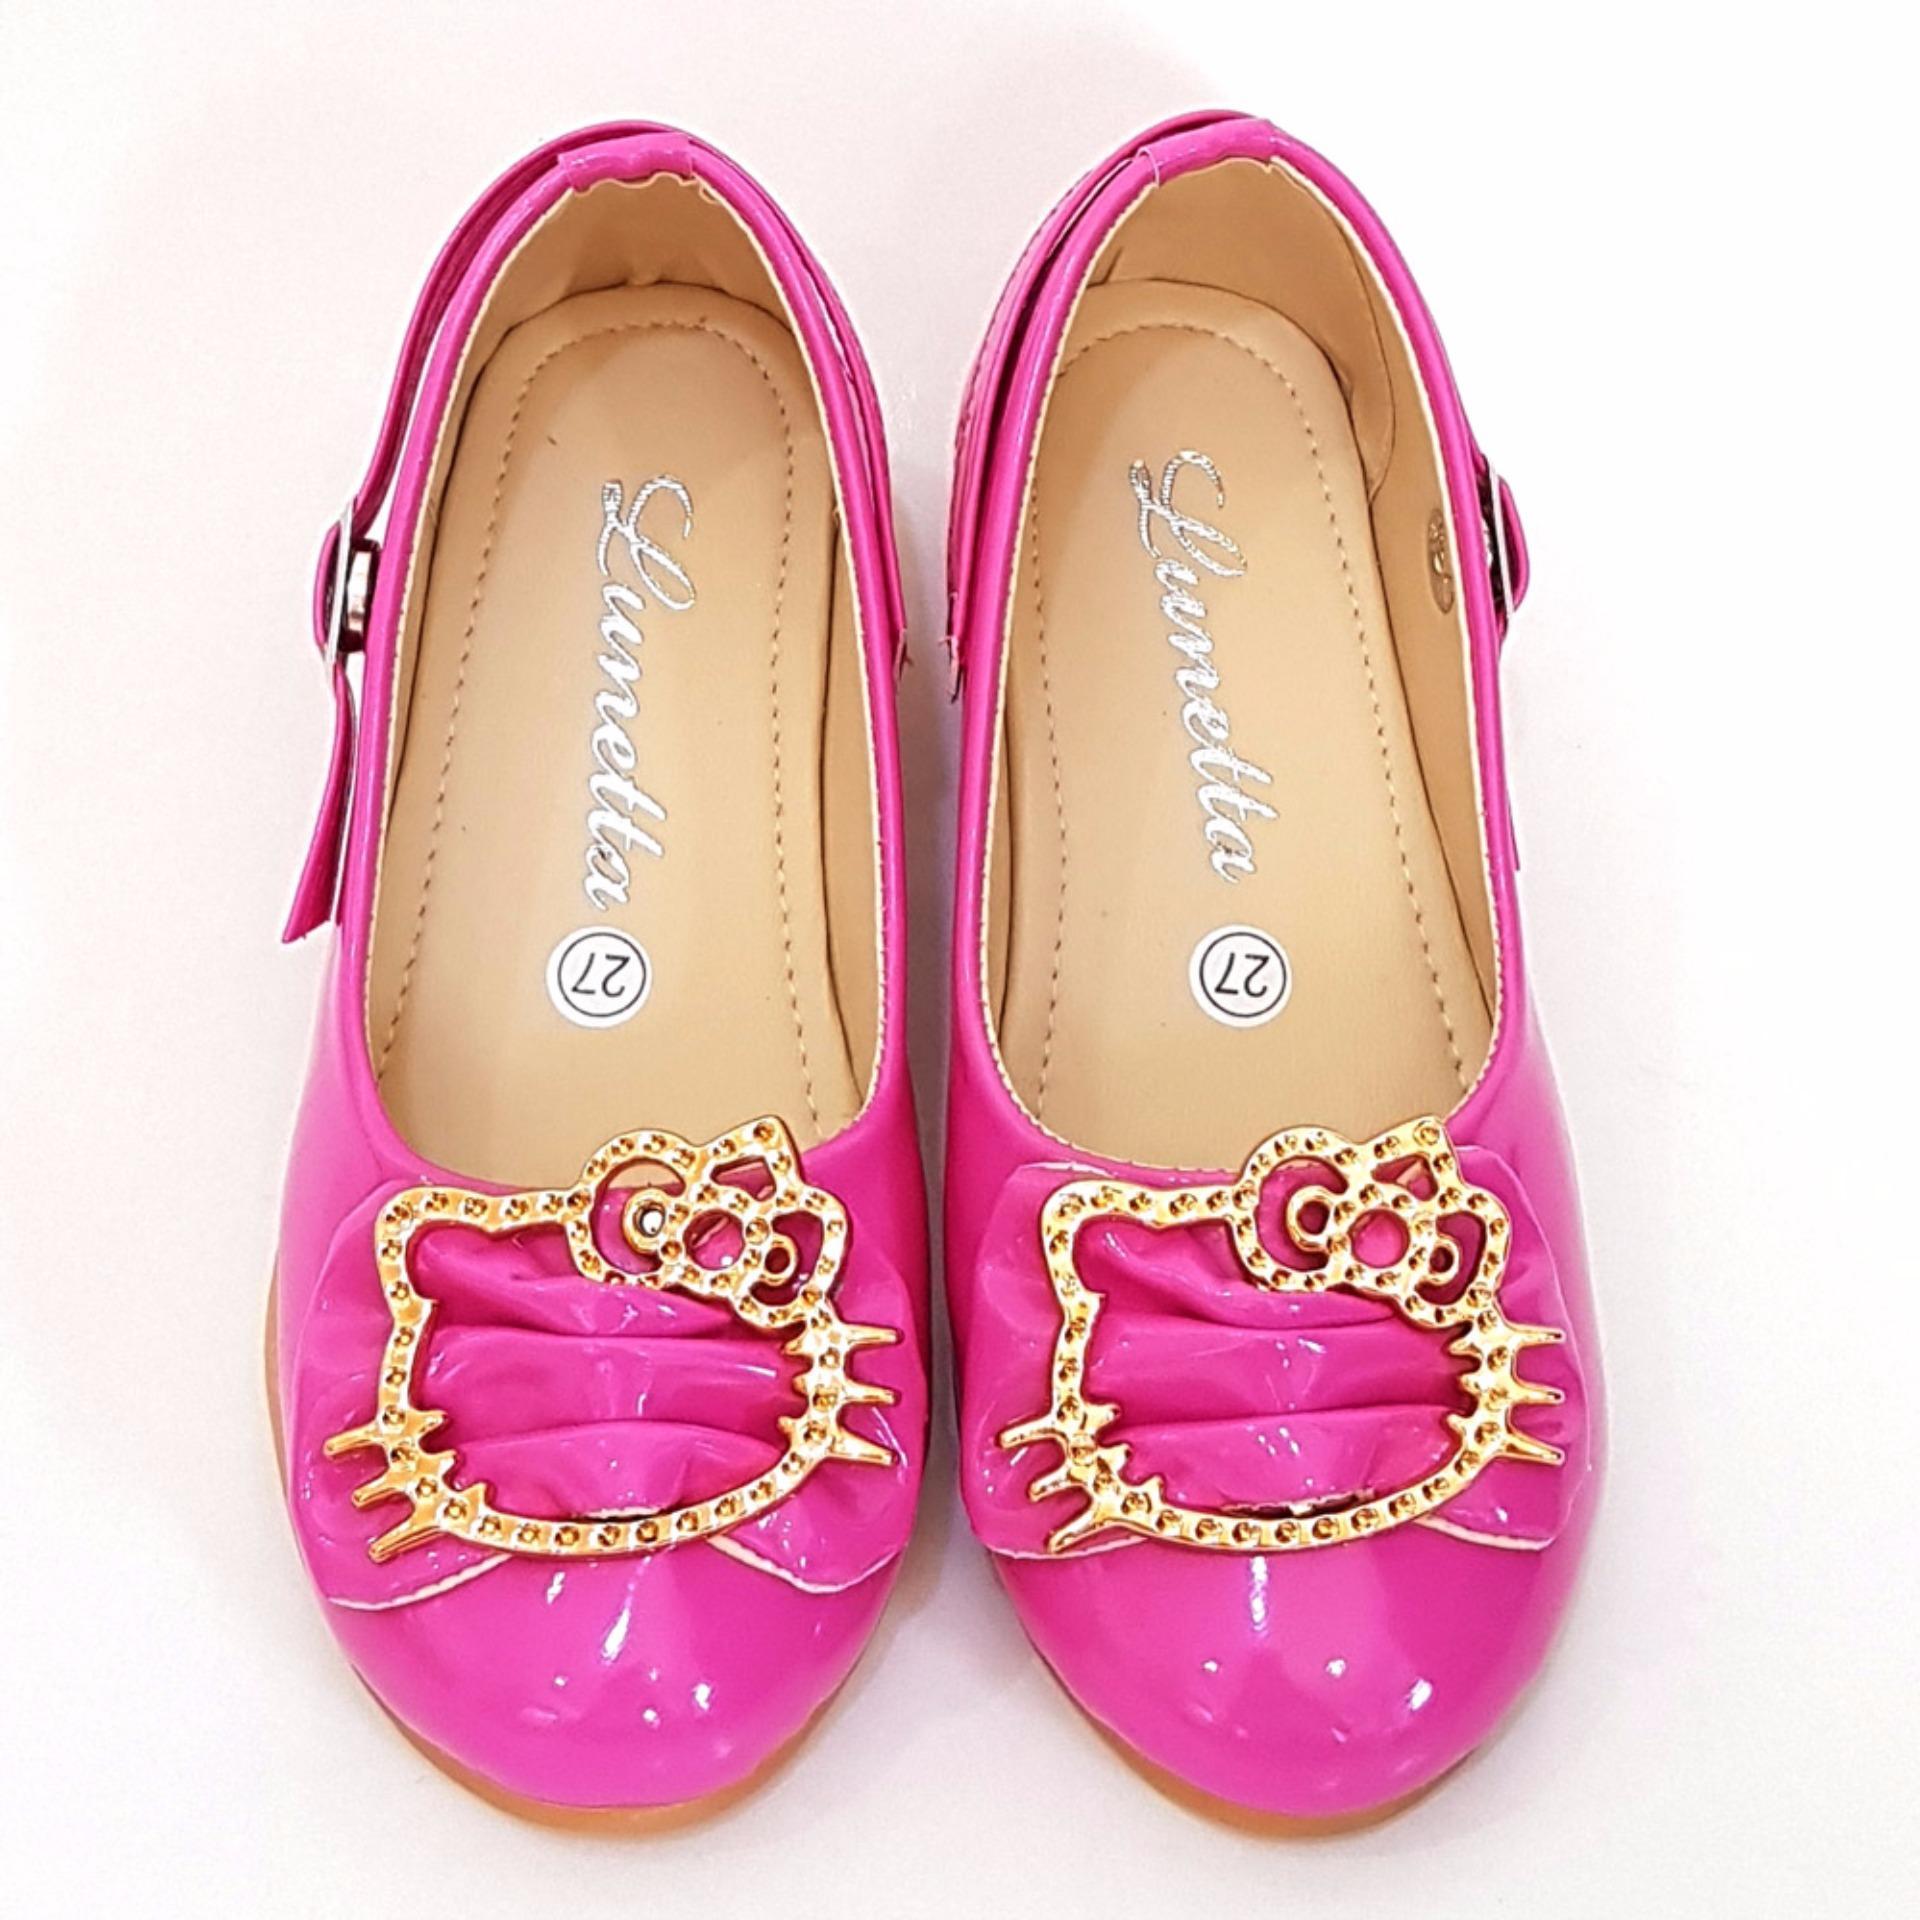 TrendiShoes Sepatu Anak Perempuan Cantik LNHK - Fuchsia .